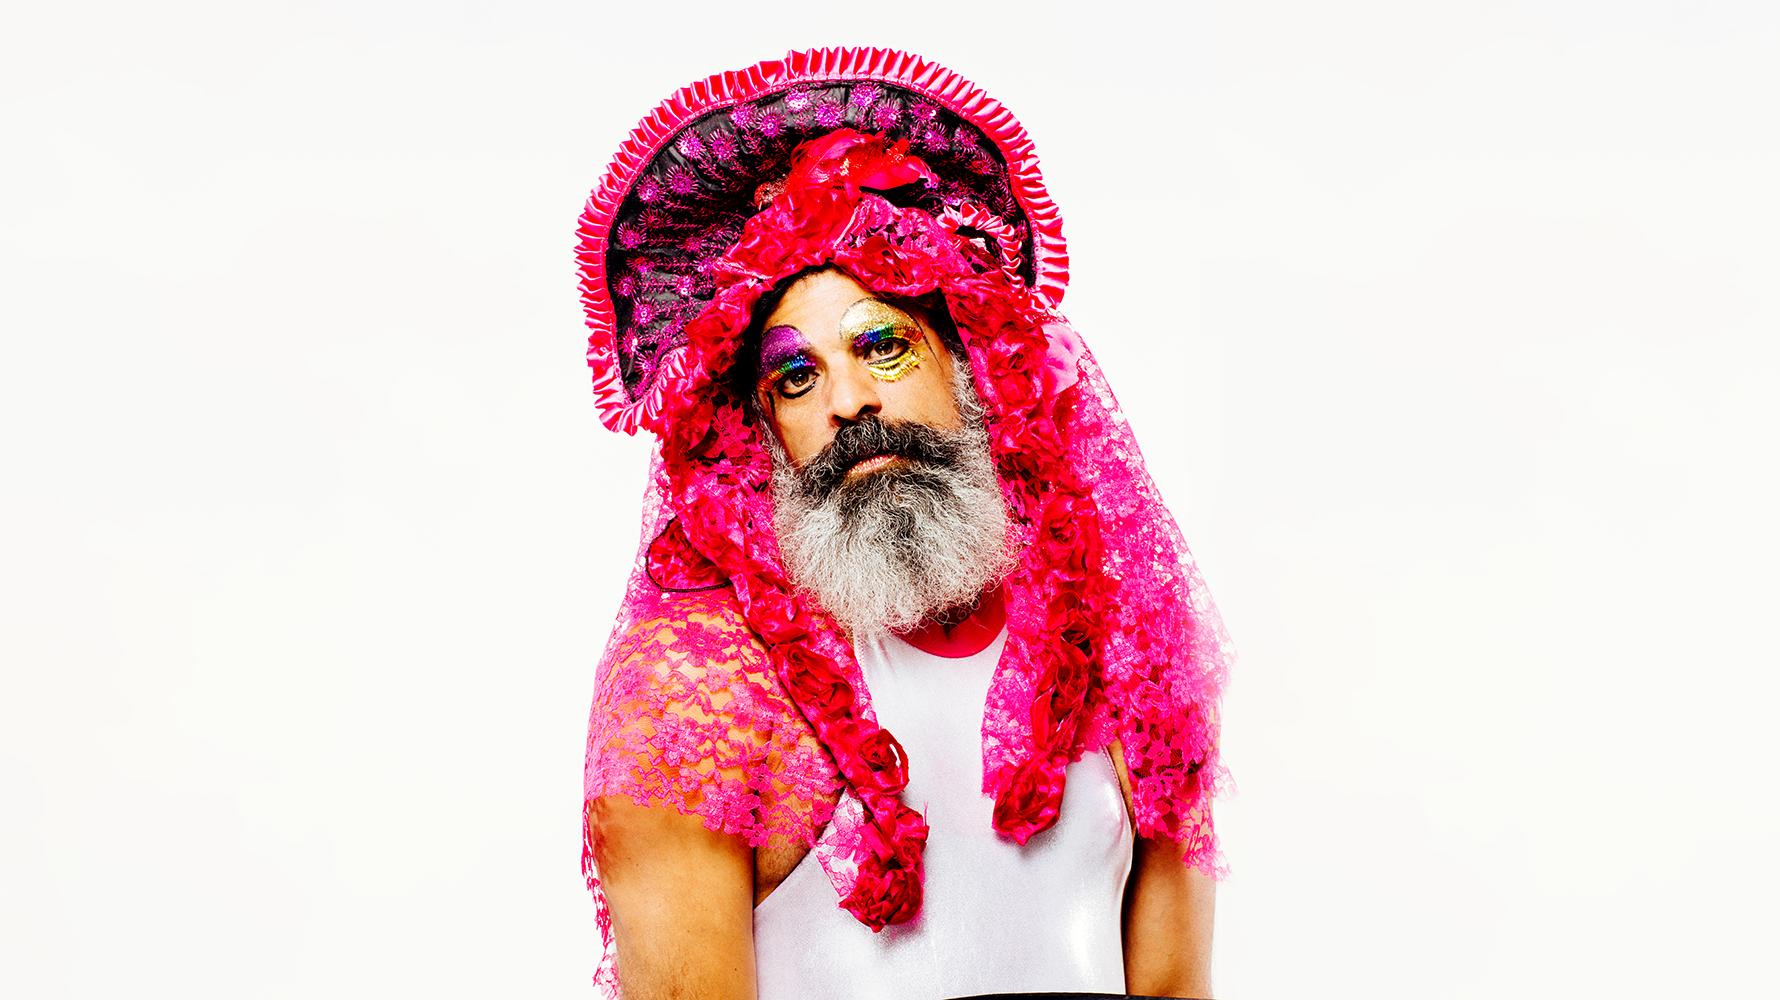 Antonio Ramos in a pink mantilla